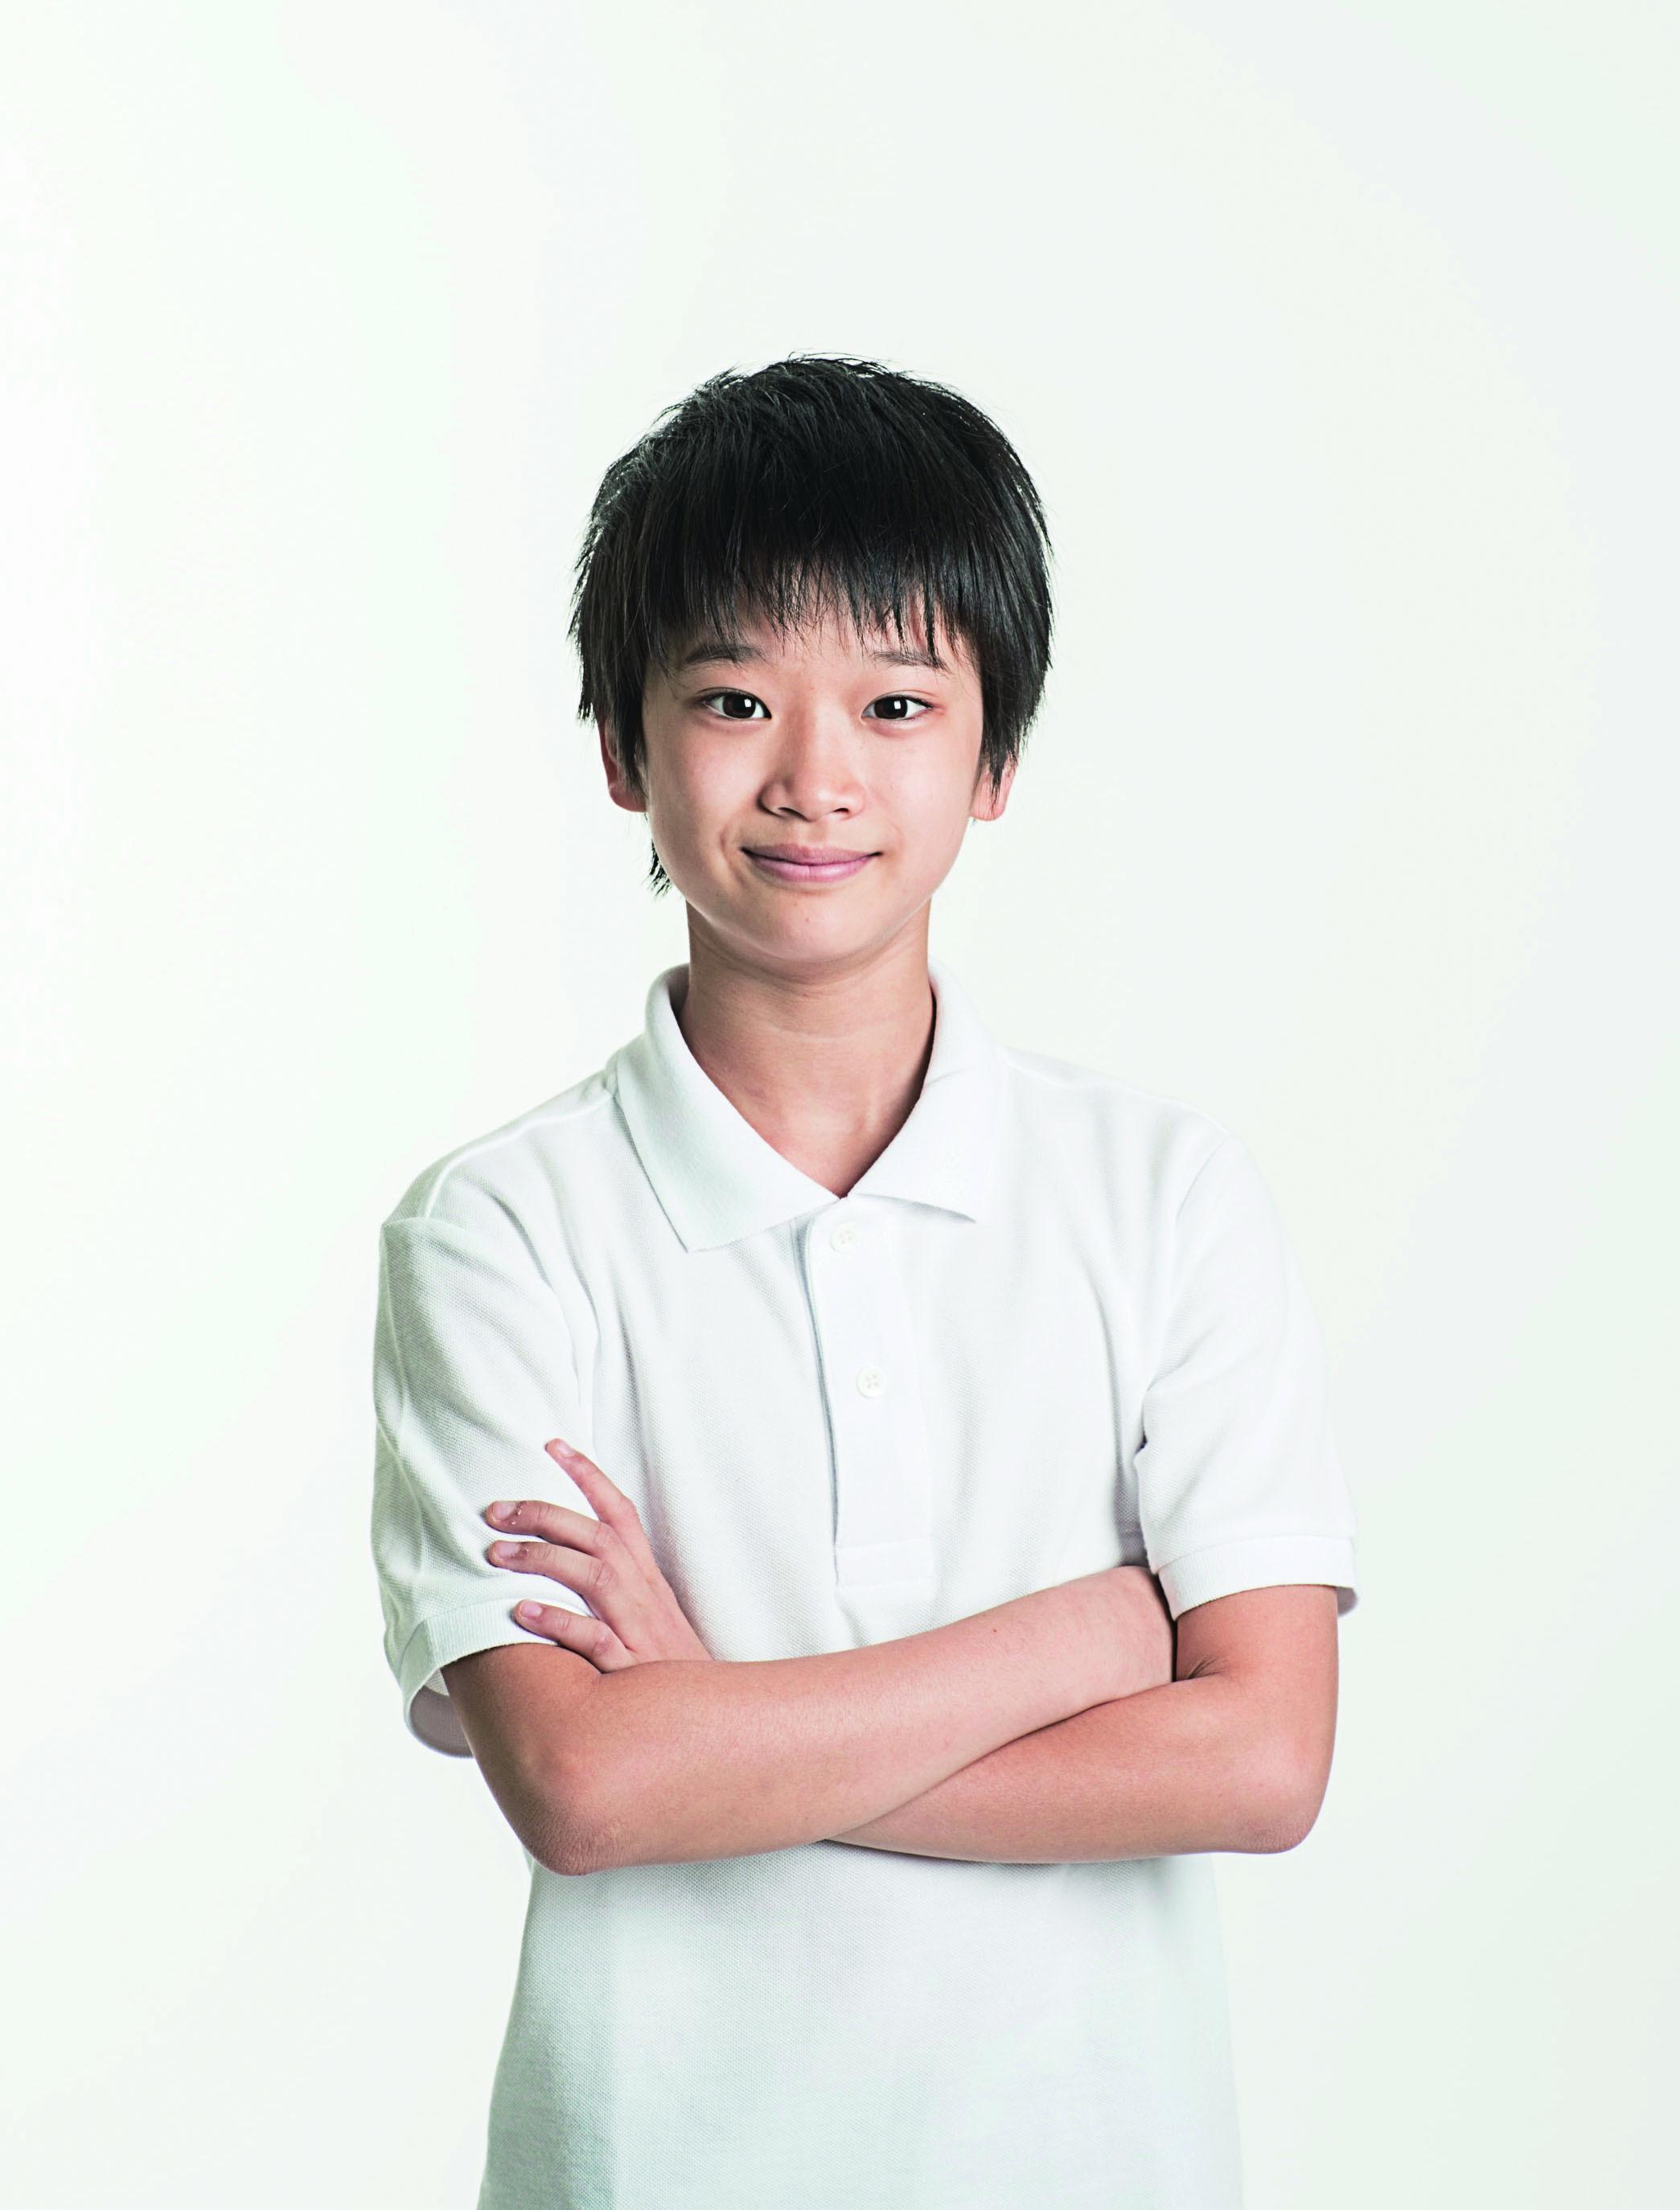 山城力(やましろ・りき)東京出身 11歳(開幕後まずはトールボーイ役として出演し、8/20(日)よりビリー役として出演)